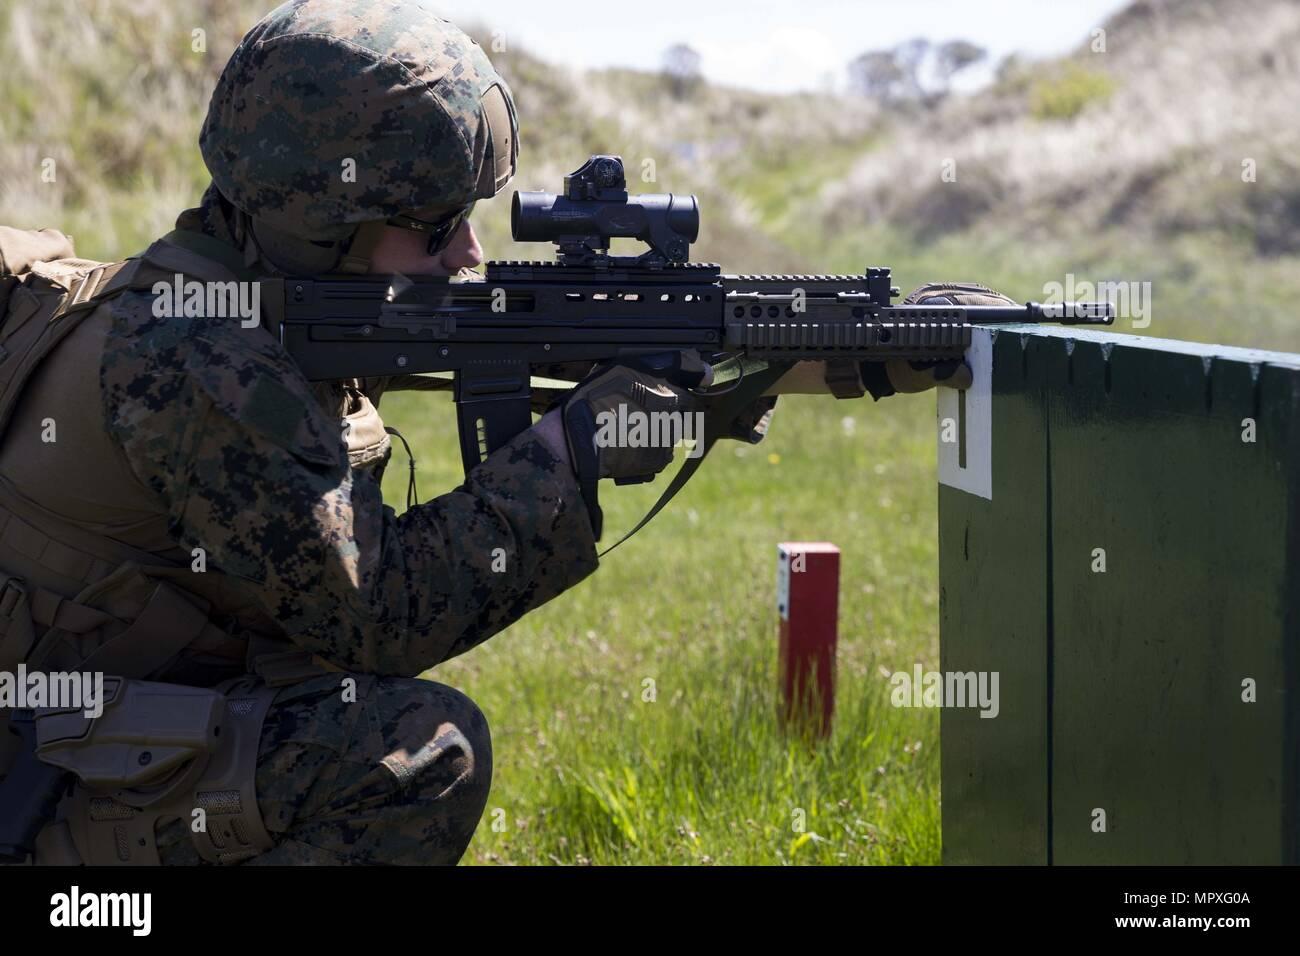 El Sargento de Infantería de Marina de los EE.UU. Randel McCellean, combatir la puntería, instructor, empresa de formación de puntería, armas batallón de formación, realizar ejercicios de disparo con una SA80 A2 rifle de asalto durante la marina real filmación operacional (Concurso RMOSC) en el campamento de entrenamiento, Hightown Altcar, Reino Unido, 15 de mayo de 2018, 15 de mayo de 2018. La Infantería de Marina de Estados Unidos viaja al Reino Unido anualmente para competir en el (RMOSC) con la oportunidad de intercambiar las experiencias operacionales, físicos y entrenamiento de puntería. (Ee.Uu. Marine Corps foto por CPL. Robert Gonzáles). () Imagen De Stock